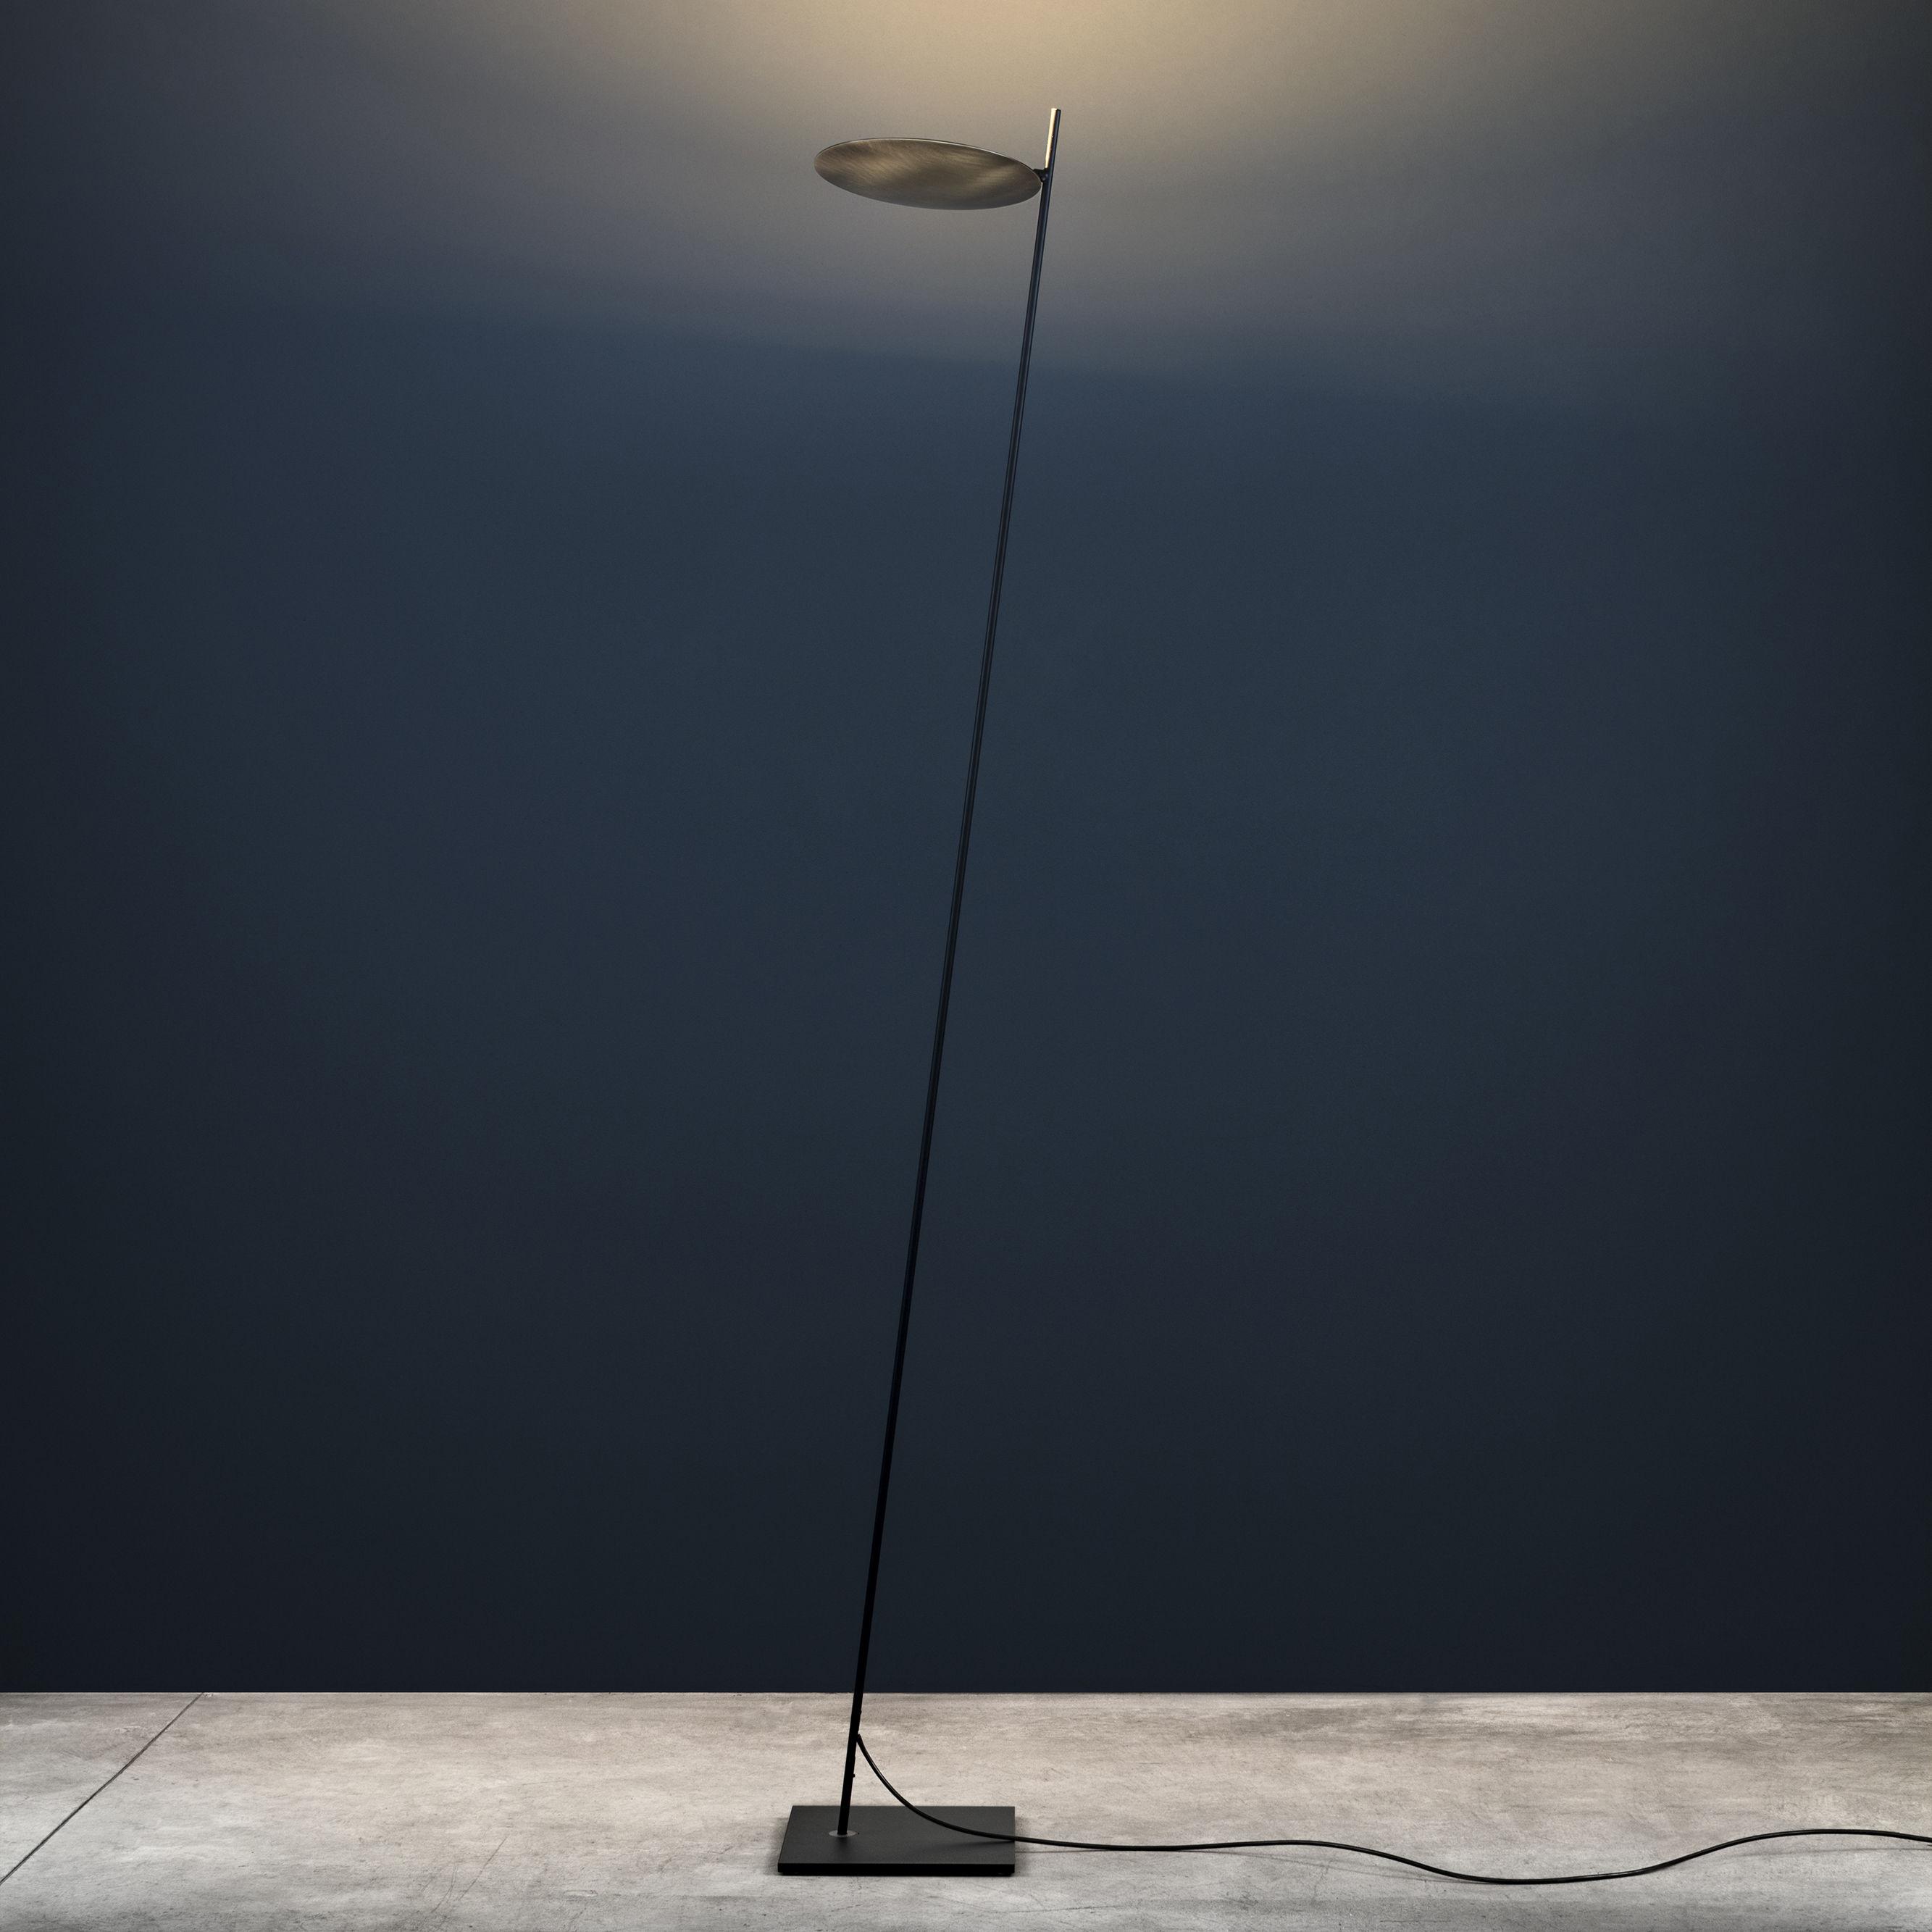 Illuminazione - Lampade da terra - Lampada a stelo Lederam F0 - / LED - H 190 cm di Catellani & Smith - Disco ottone / Stelo nero / base nera - Laiton massif, metallo verniciato